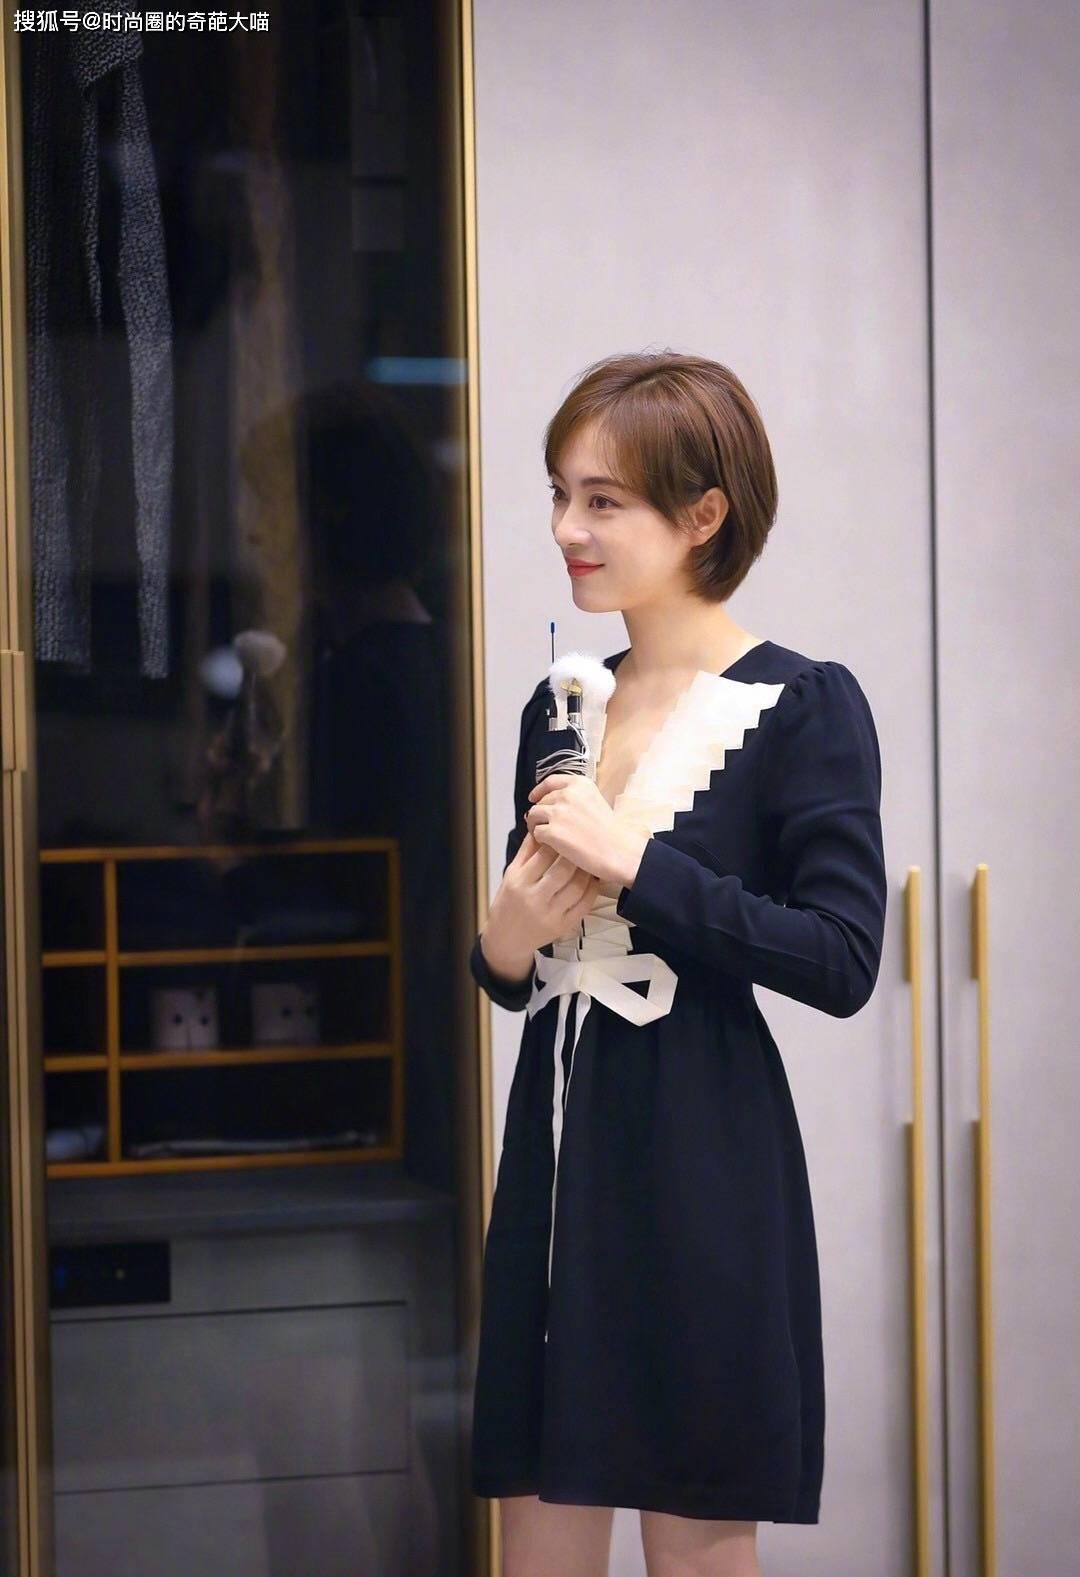 孙俪新剧开机状态佳,简约穿搭清纯靓丽,37岁上镜还跟小姑娘似的